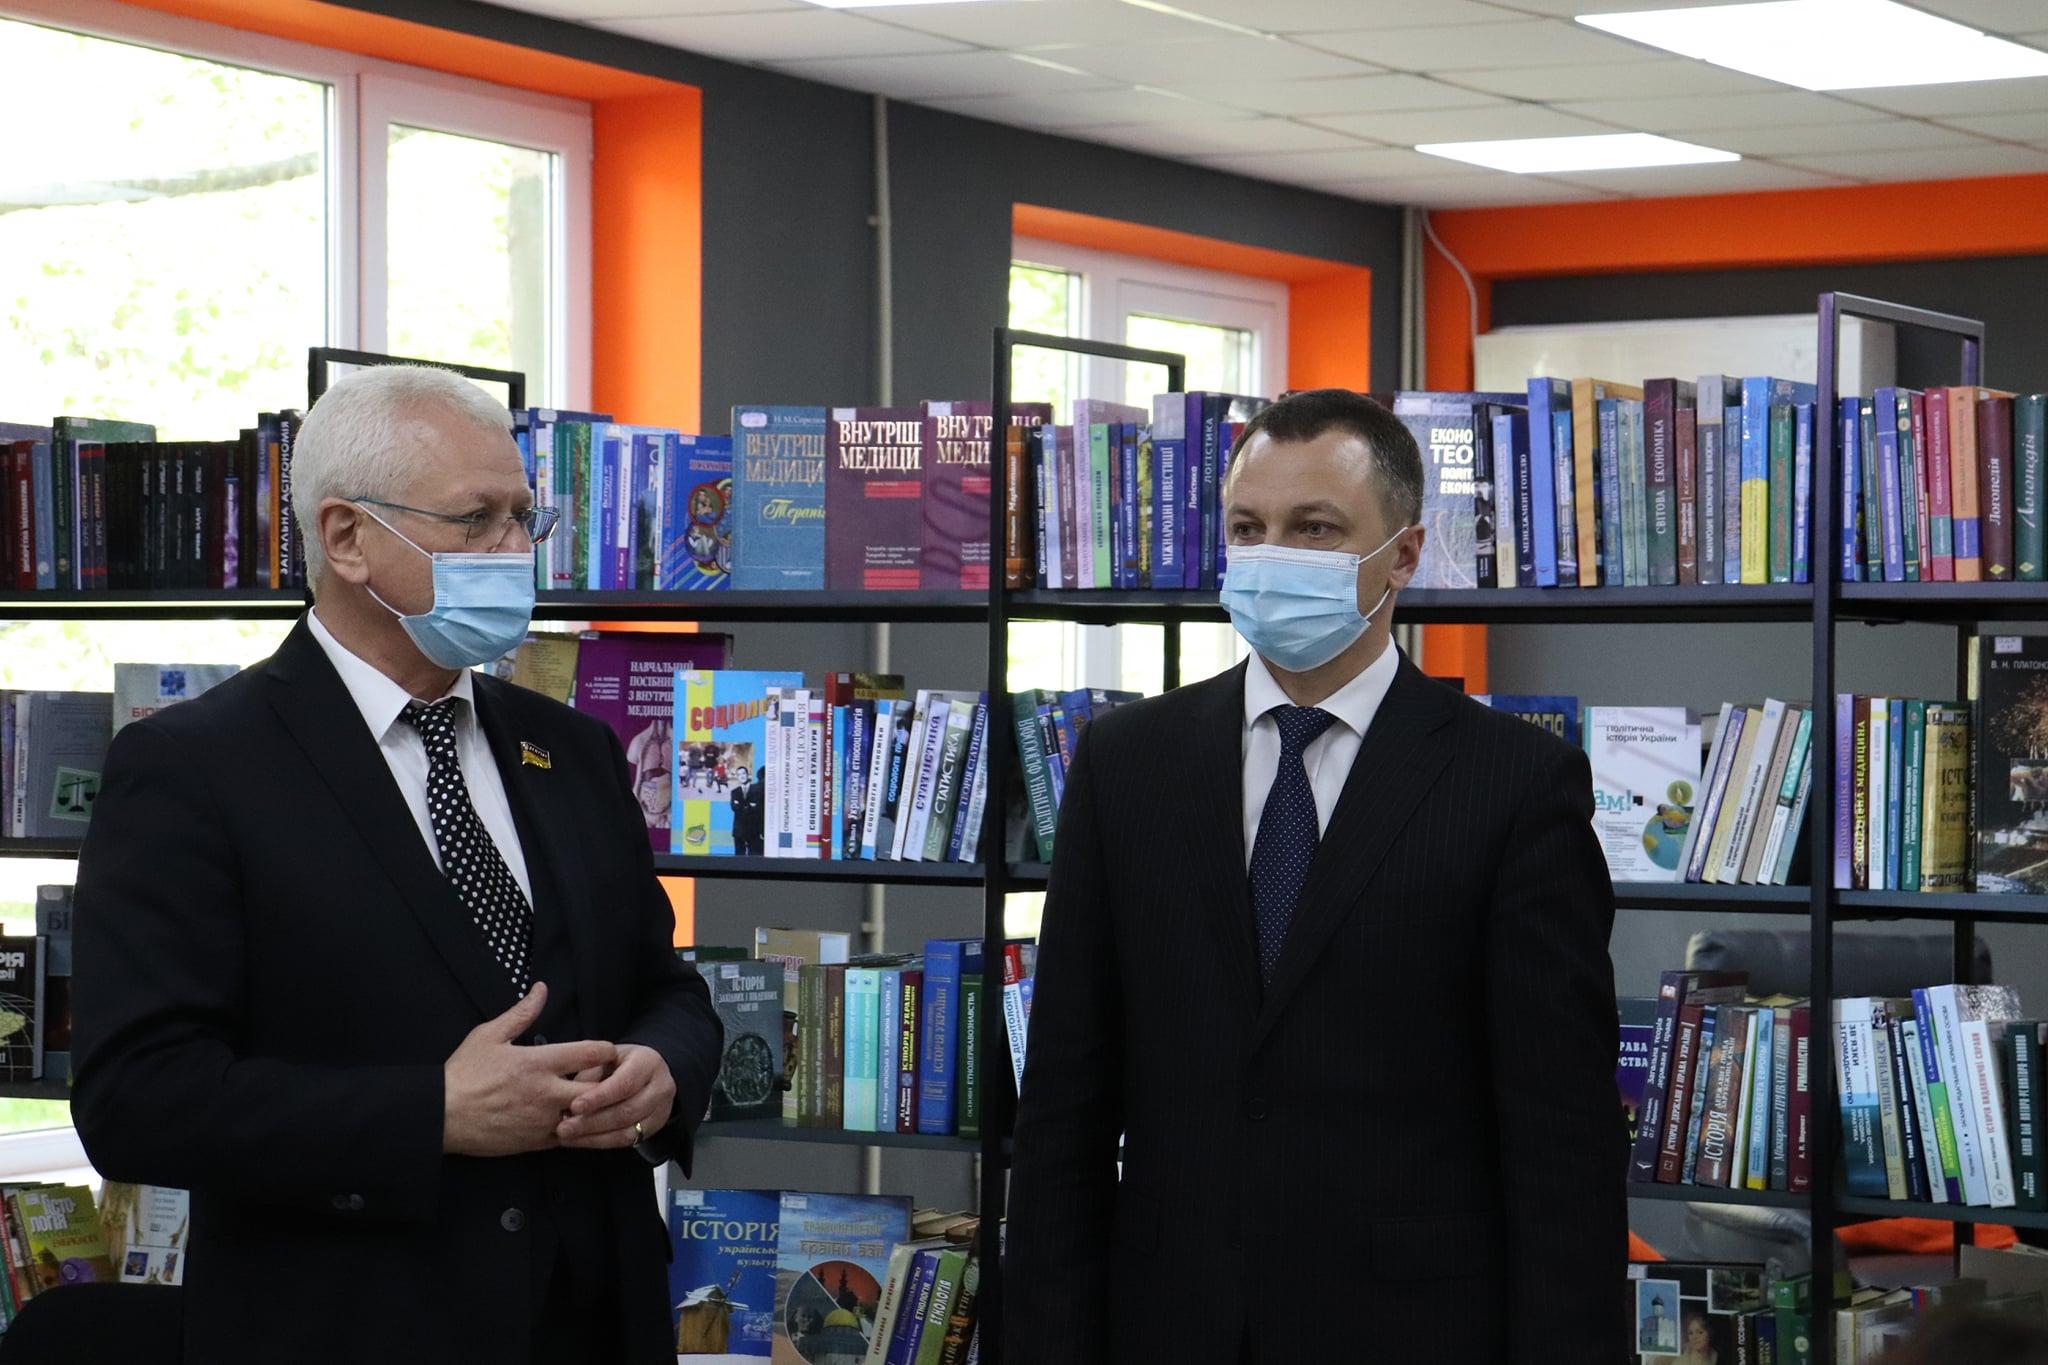 Уповноважений із захисту державної мови Тарас Кремінь зустрівся зі студентами ХДУ